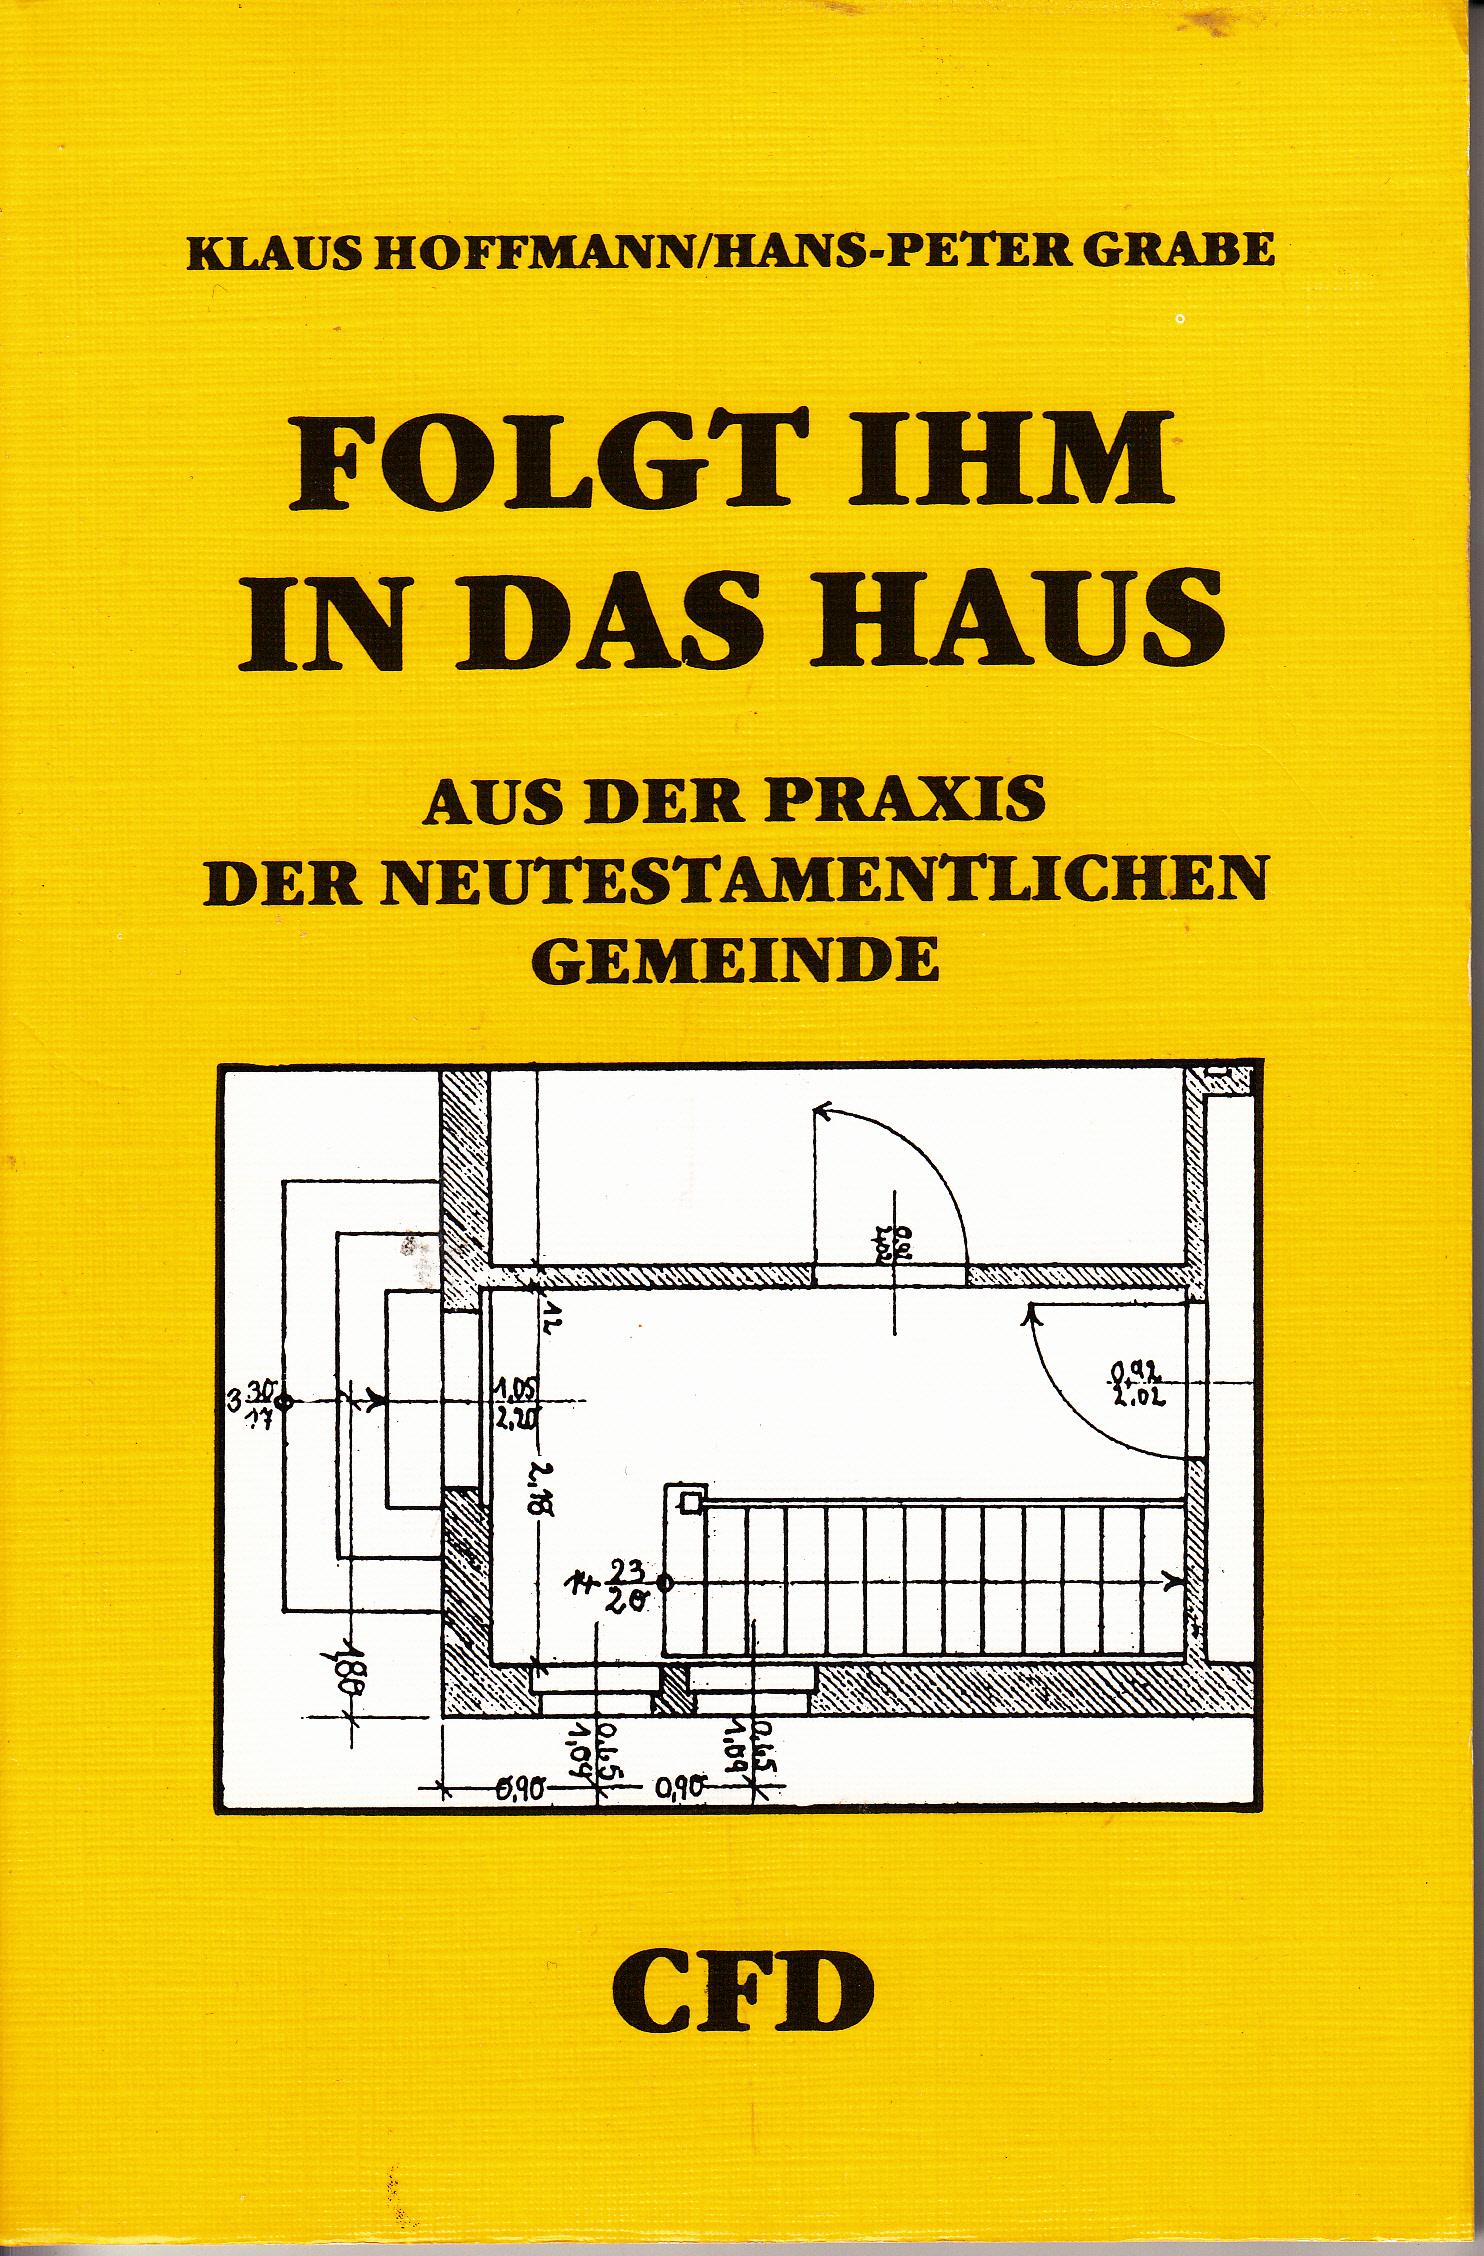 Folgt ihm in das Haus - Aus der Praxis der neutestamentlicehn Gemiende   Klasu Hoffmann(Hans-Peter Grabe